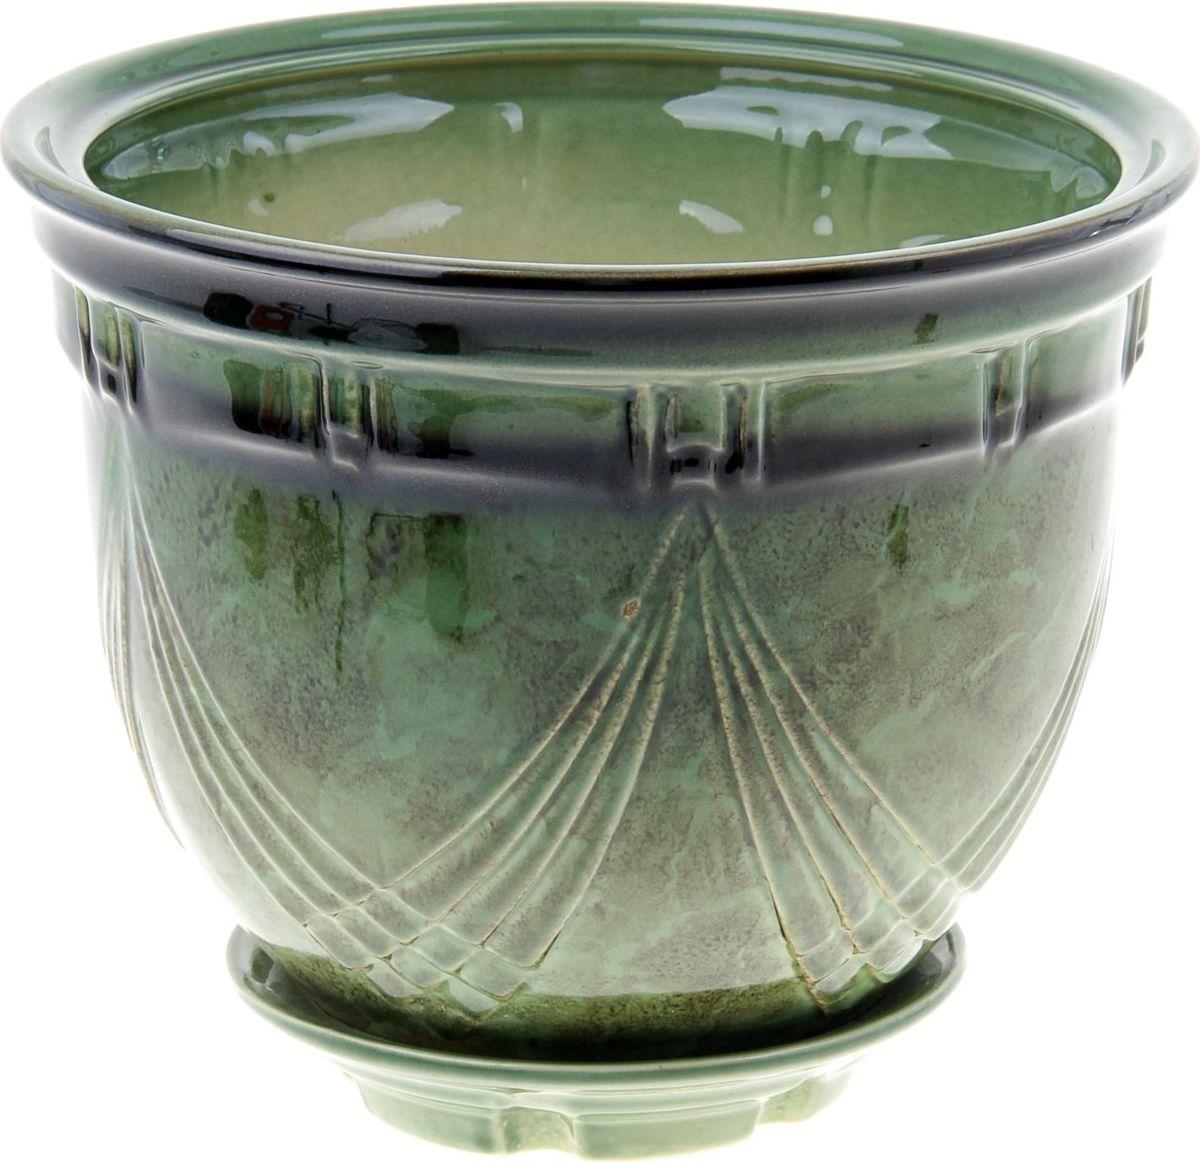 Кашпо Мирида, цвет: зеленый, 5 л838613Комнатные растения — всеобщие любимцы. Они радуют глаз, насыщают помещение кислородом и украшают пространство. Каждому из них необходим свой удобный и красивый дом. Кашпо из керамики прекрасно подходят для высадки растений: за счёт пластичности глины и разных способов обработки существует великое множество форм и дизайновпористый материал позволяет испаряться лишней влагевоздух, необходимый для дыхания корней, проникает сквозь керамические стенки! #name# позаботится о зелёном питомце, освежит интерьер и подчеркнёт его стиль.